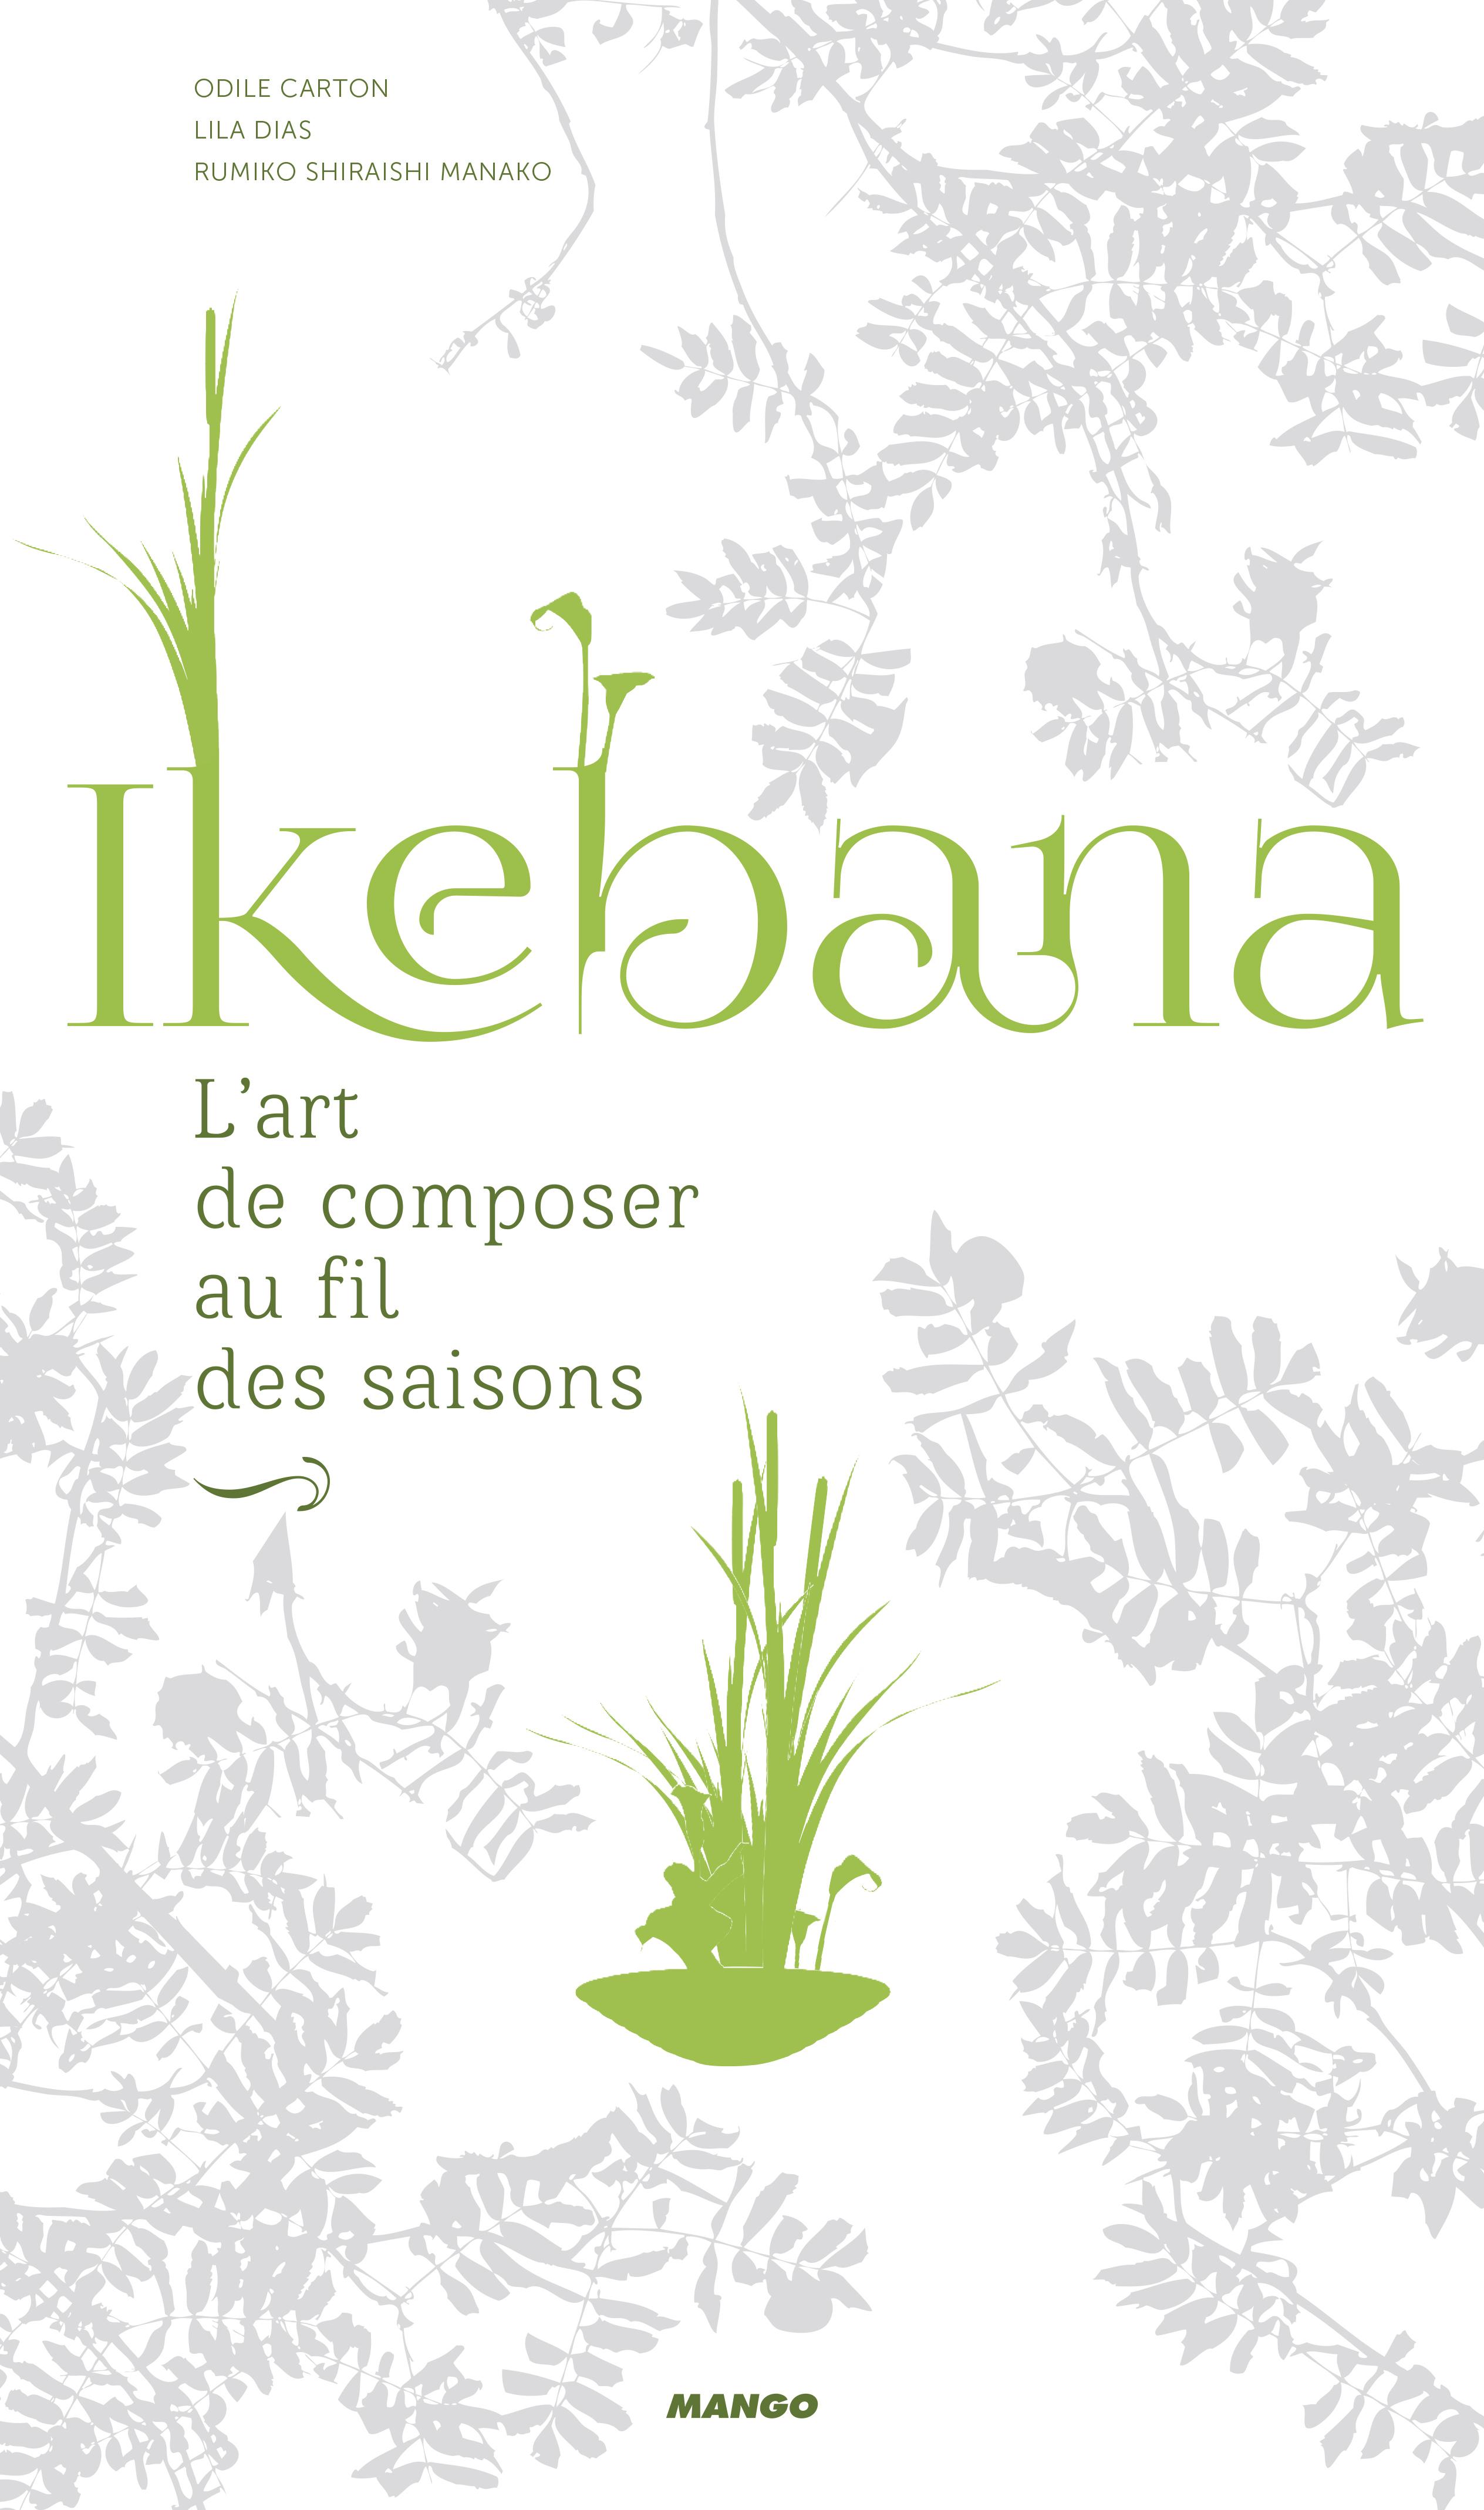 IKEBANA, L'ART DE COMPOSER AU FIL DES SAISONS